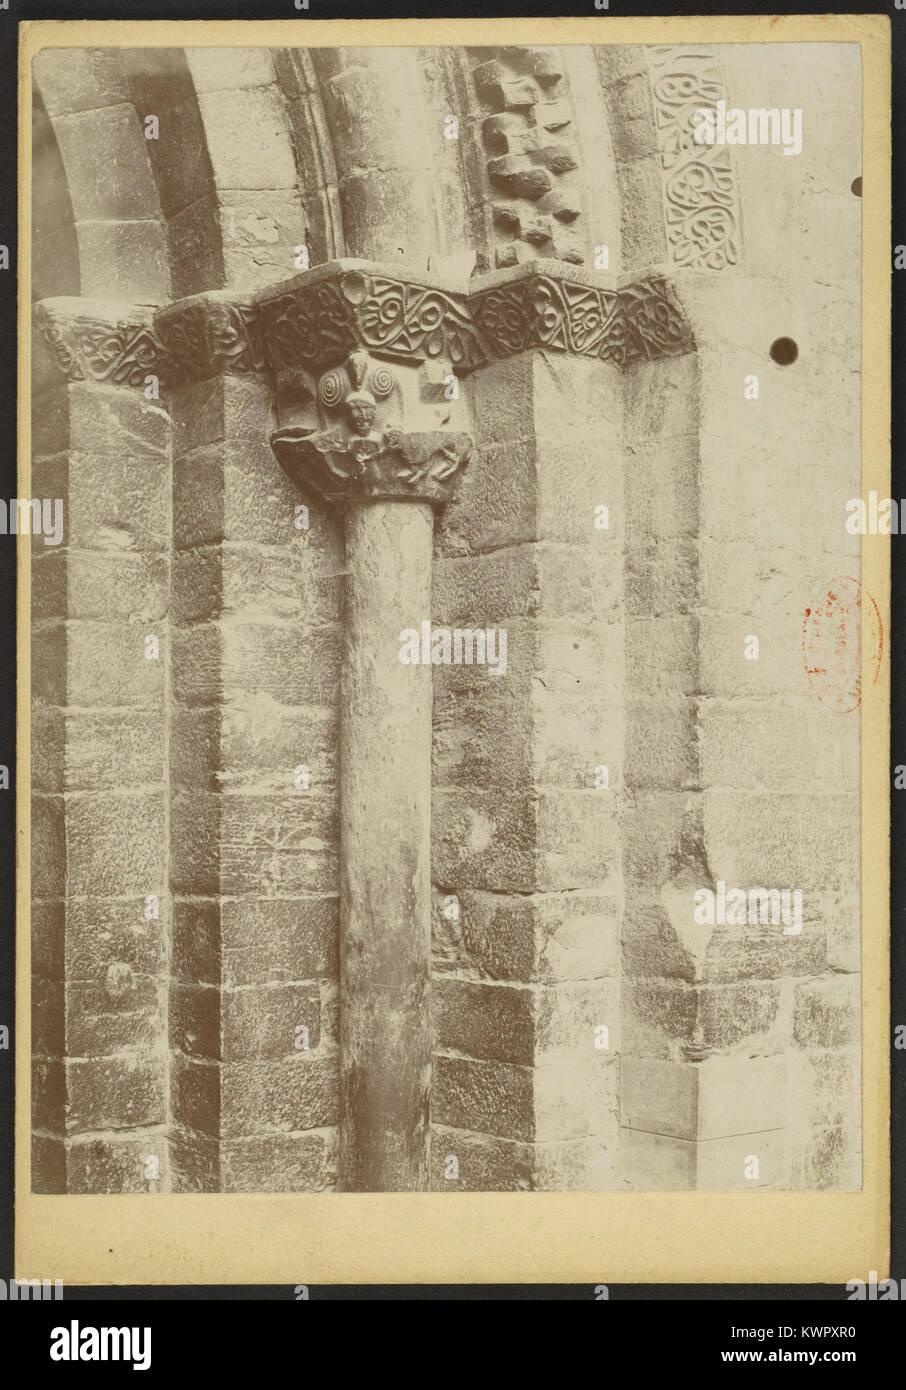 Église des Templiers de Luz-Saint-Sauveur - J-A Brutails - Université Bordeaux Montaigne - 1455 - Stock Image